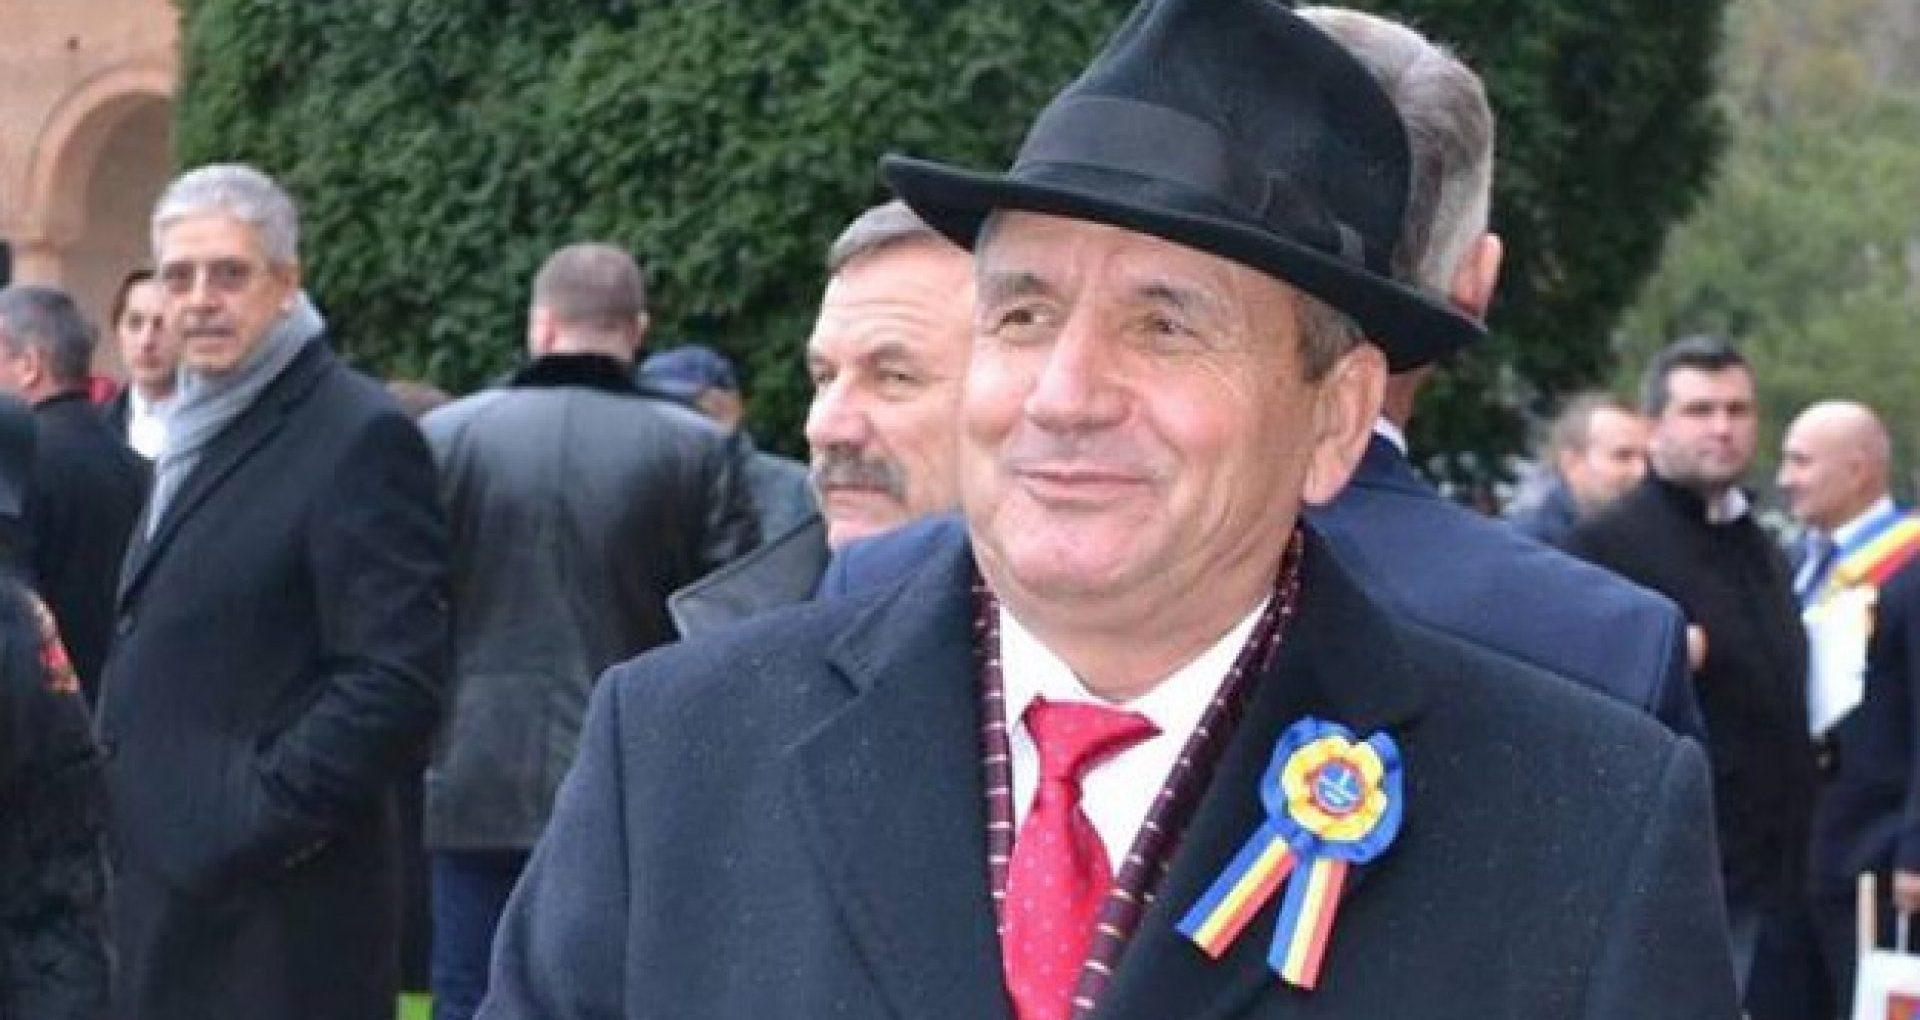 DOC/ Primarul unei comune din Ialoveni și-a angajat fratele, fiica și ginerele în calitate de șoferi la Primărie, pentru că nu erau doritori